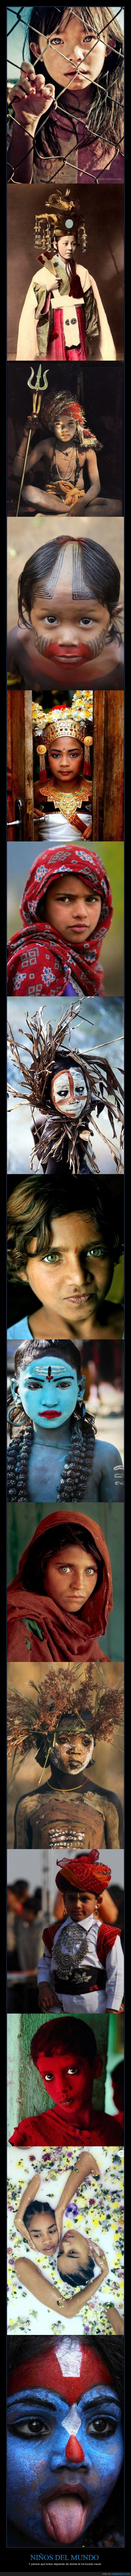 Africa,Caras pintadas,Diversidad cultural,India,infancia,JApón,Kali,niña,Niño,pais,Sharbat Gula